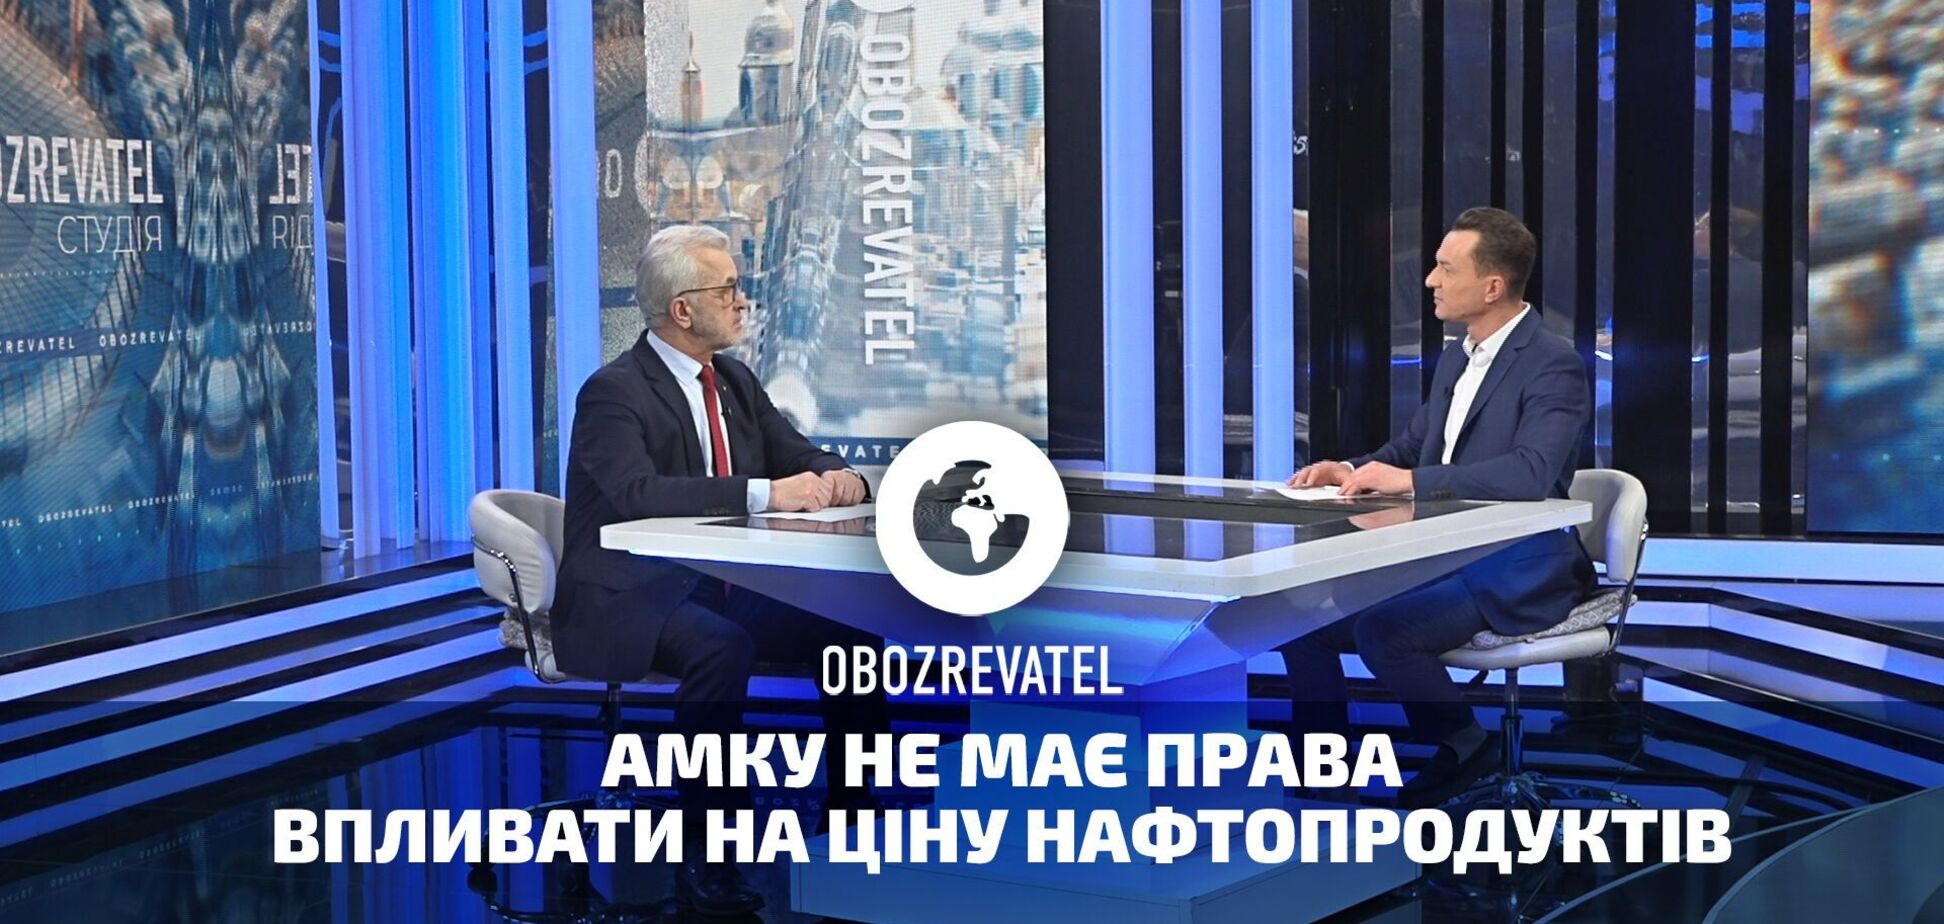 Косянчук: желание правительства через АМКУ влиять на цену нефтепродуктов – фикция и превышение полномочий